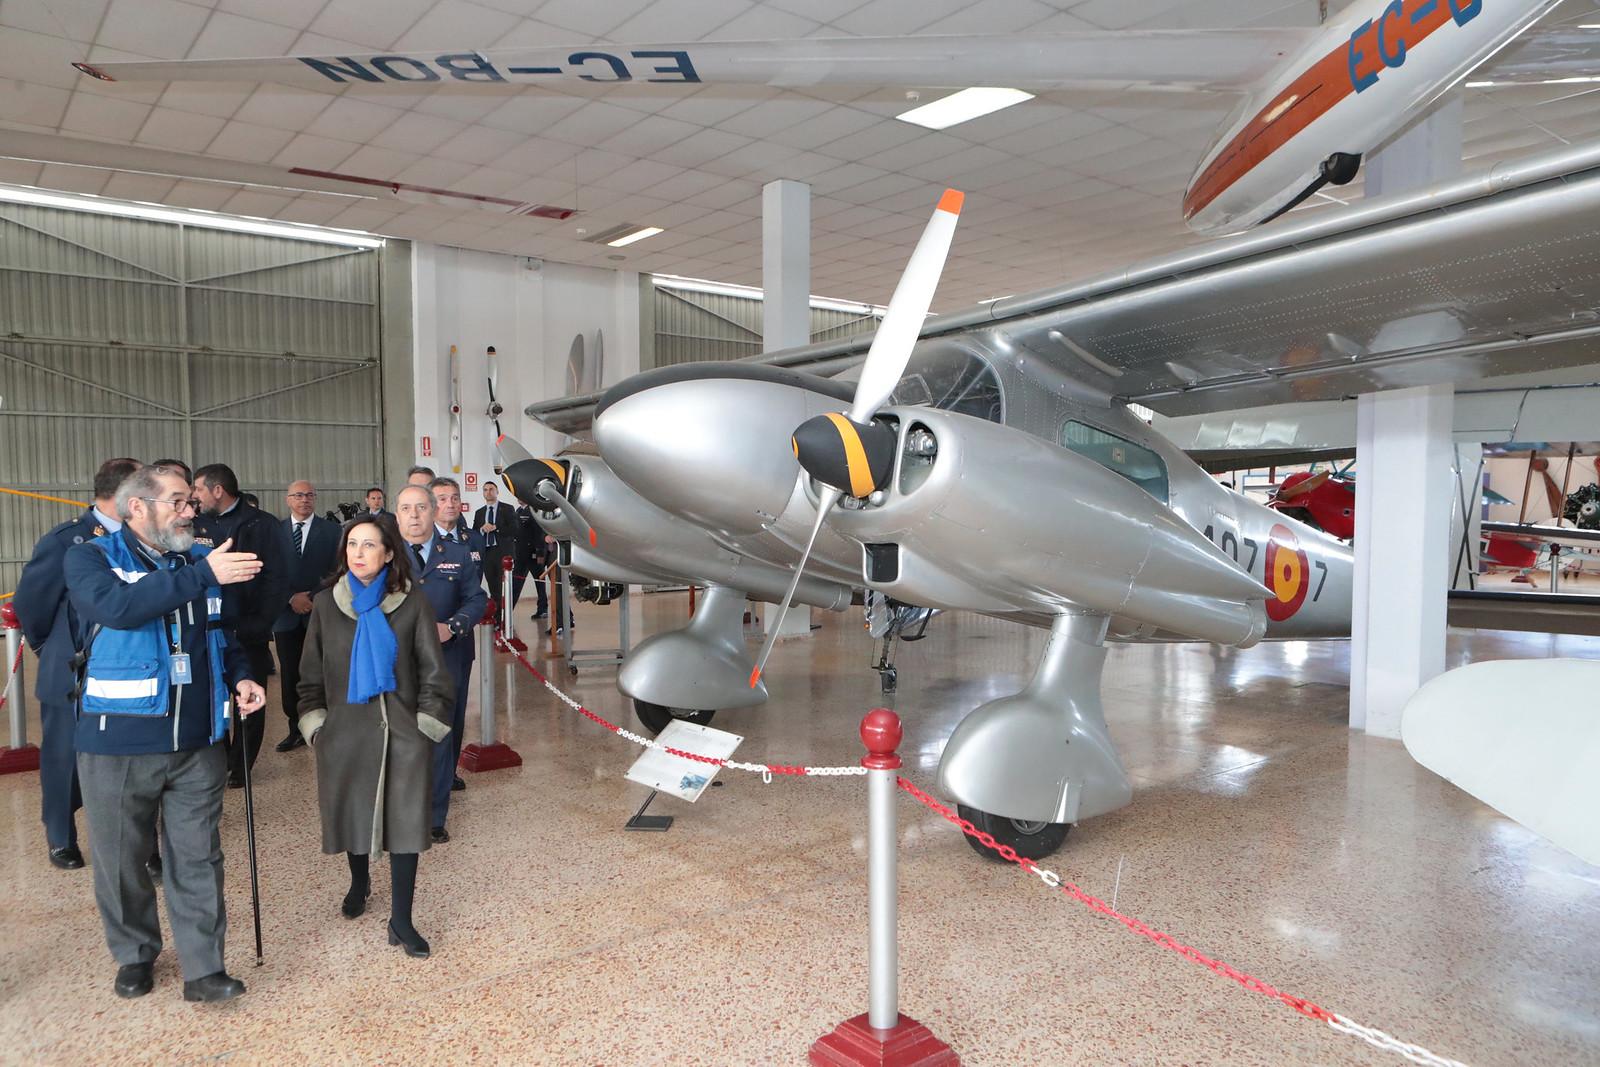 La ministra de Defensa en uno de los hangares del Museo del Aire